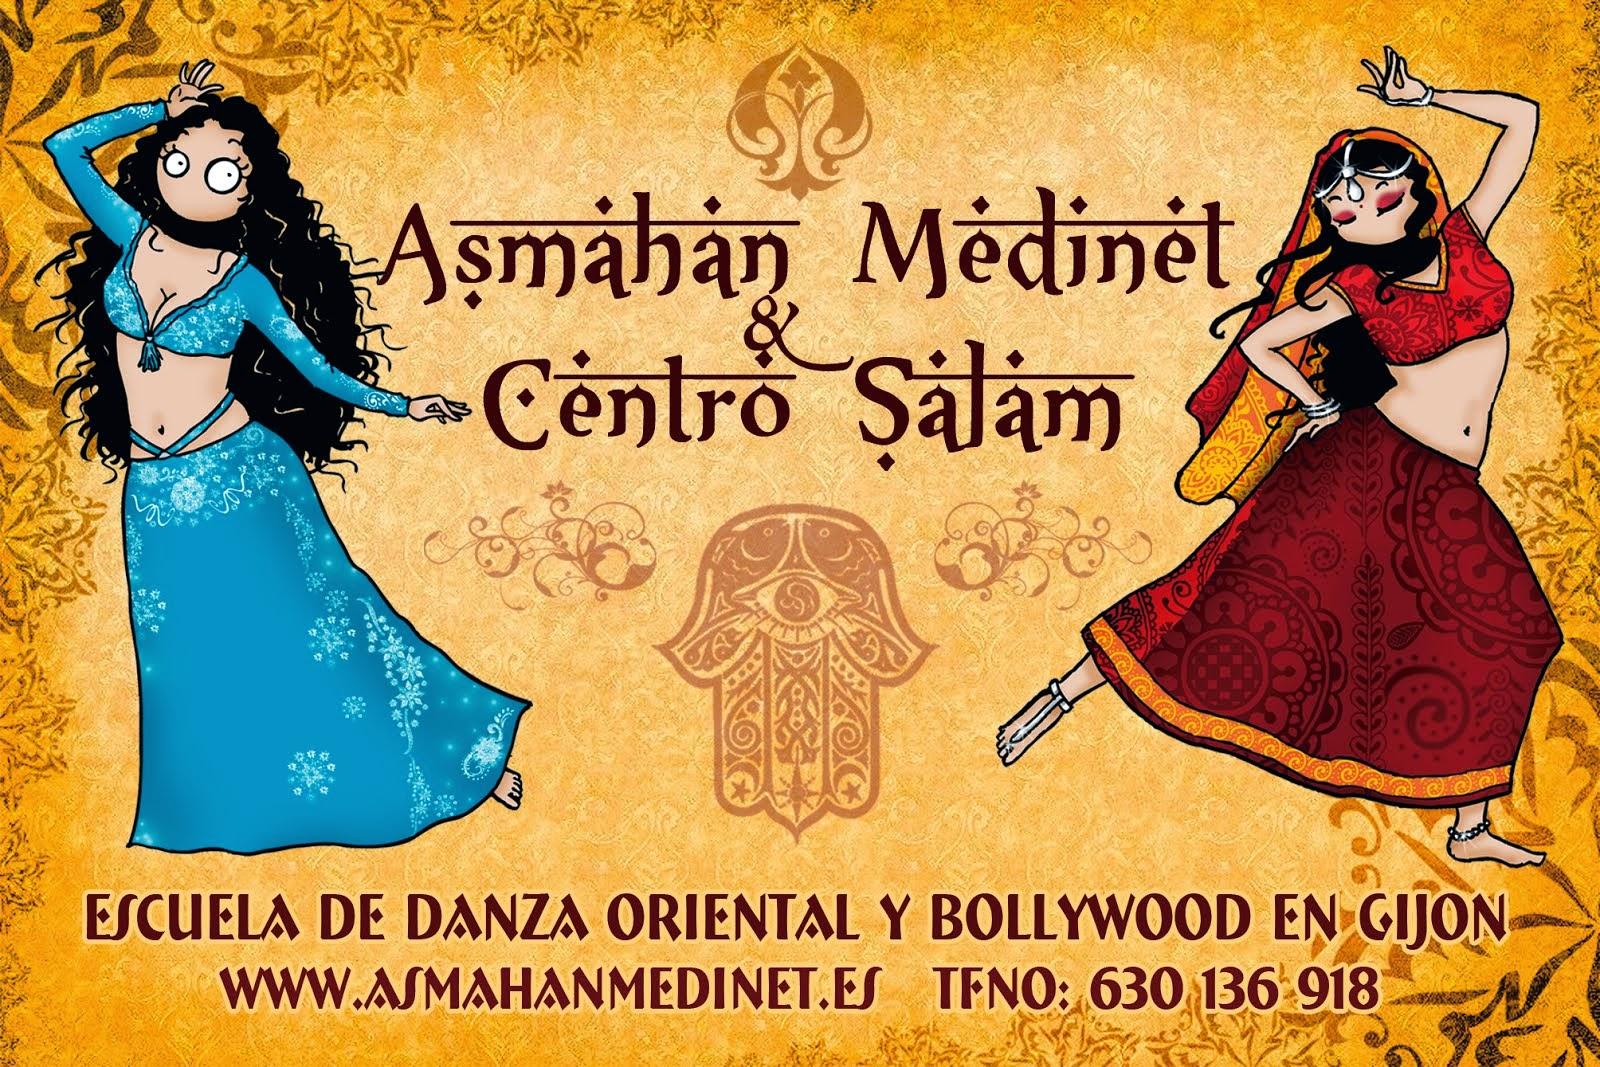 Centro Salam